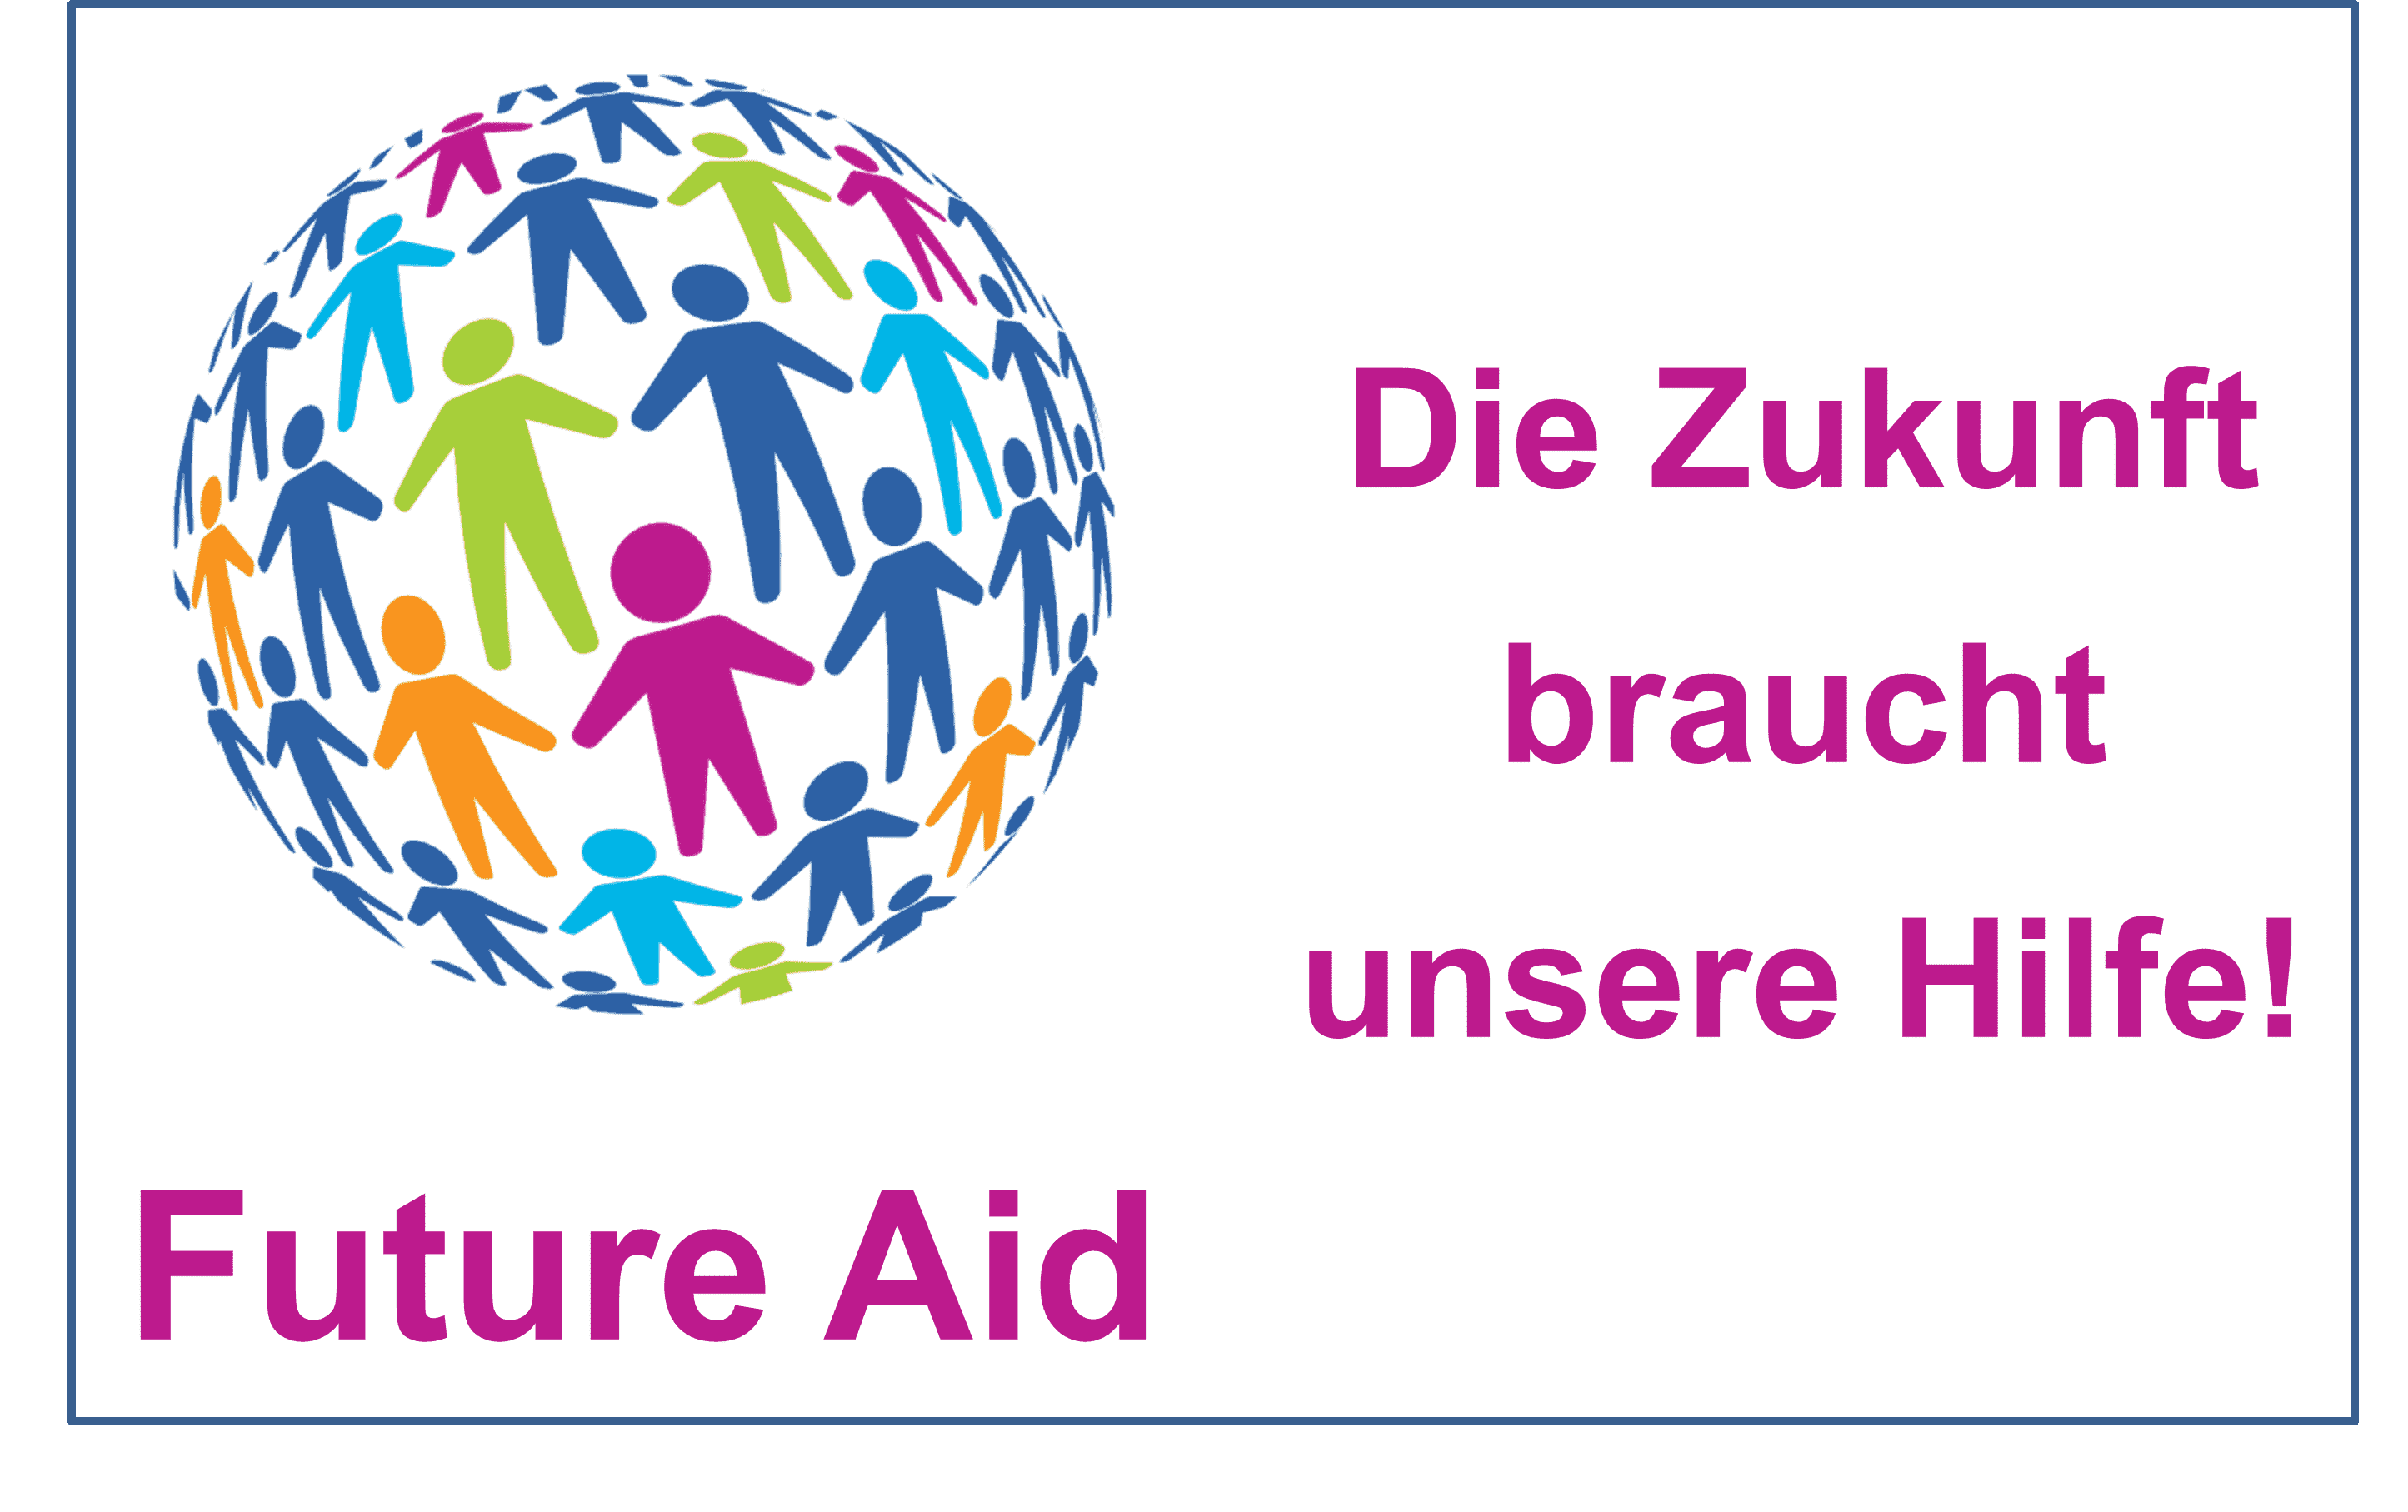 Future Aid - Die Zukunft braucht unsere Hilfe!